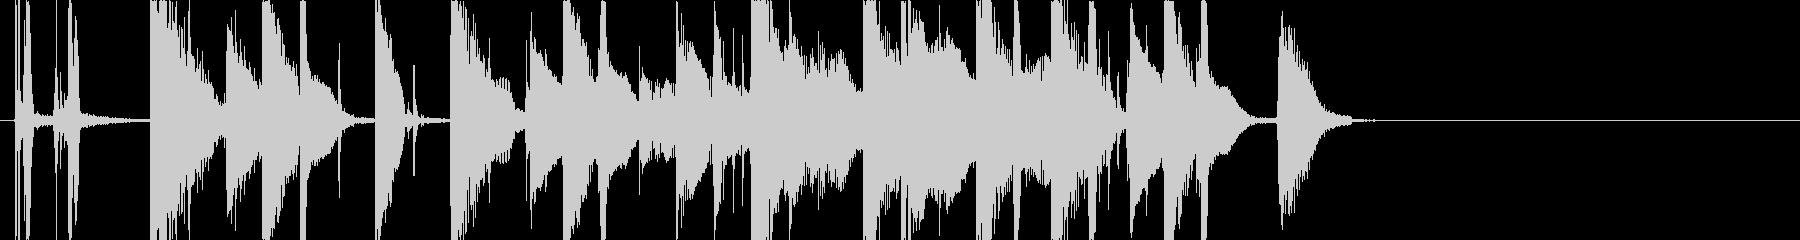 Gangster HGIPHOP Jingle's unreproduced waveform